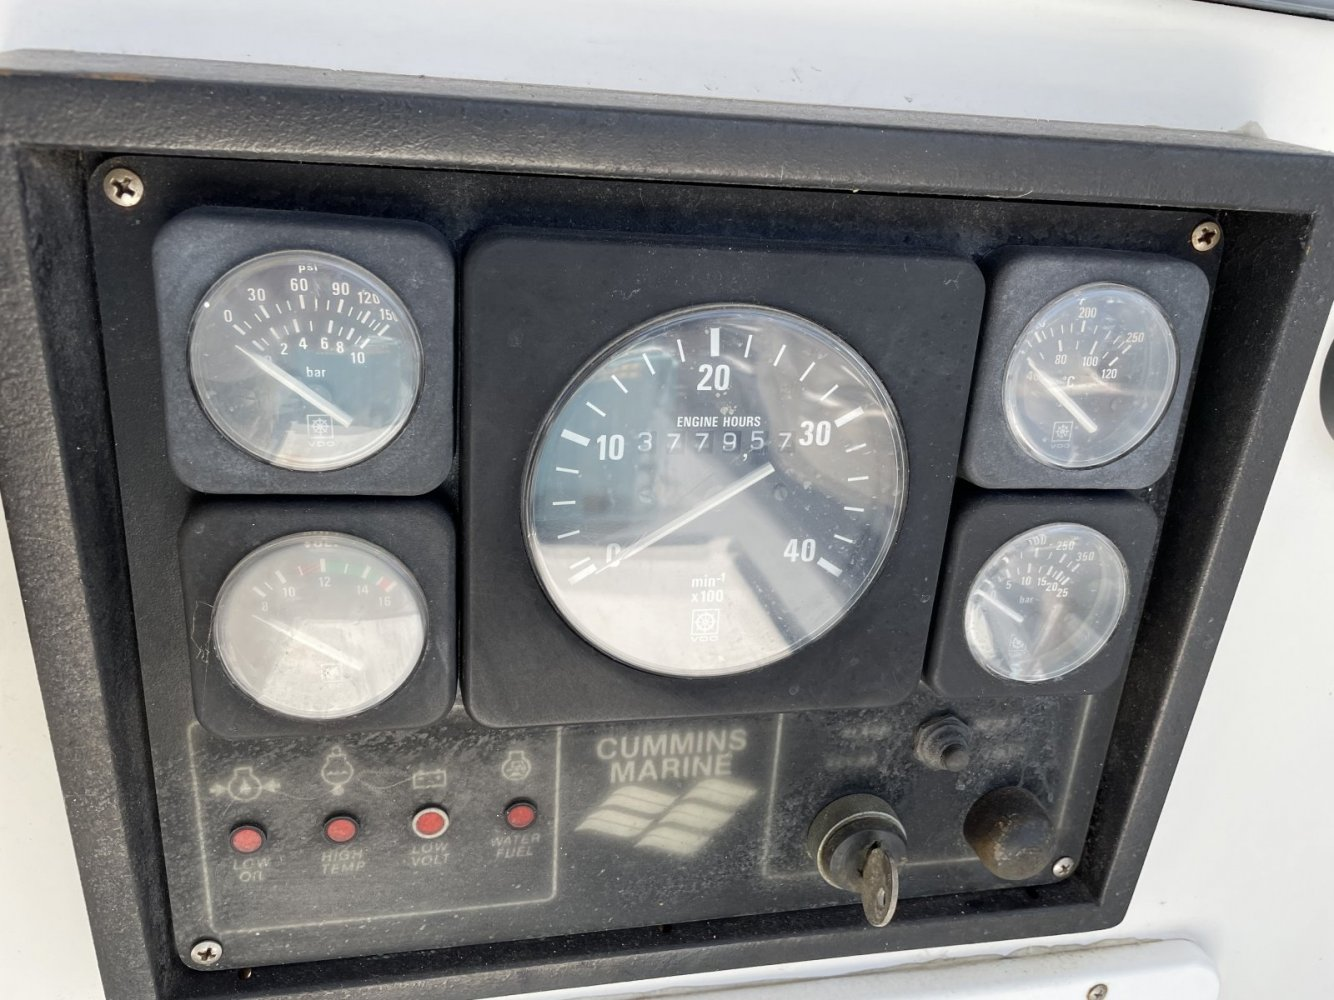 F95C7173-A680-48D7-8EF6-2947A7AB96C9.jpeg